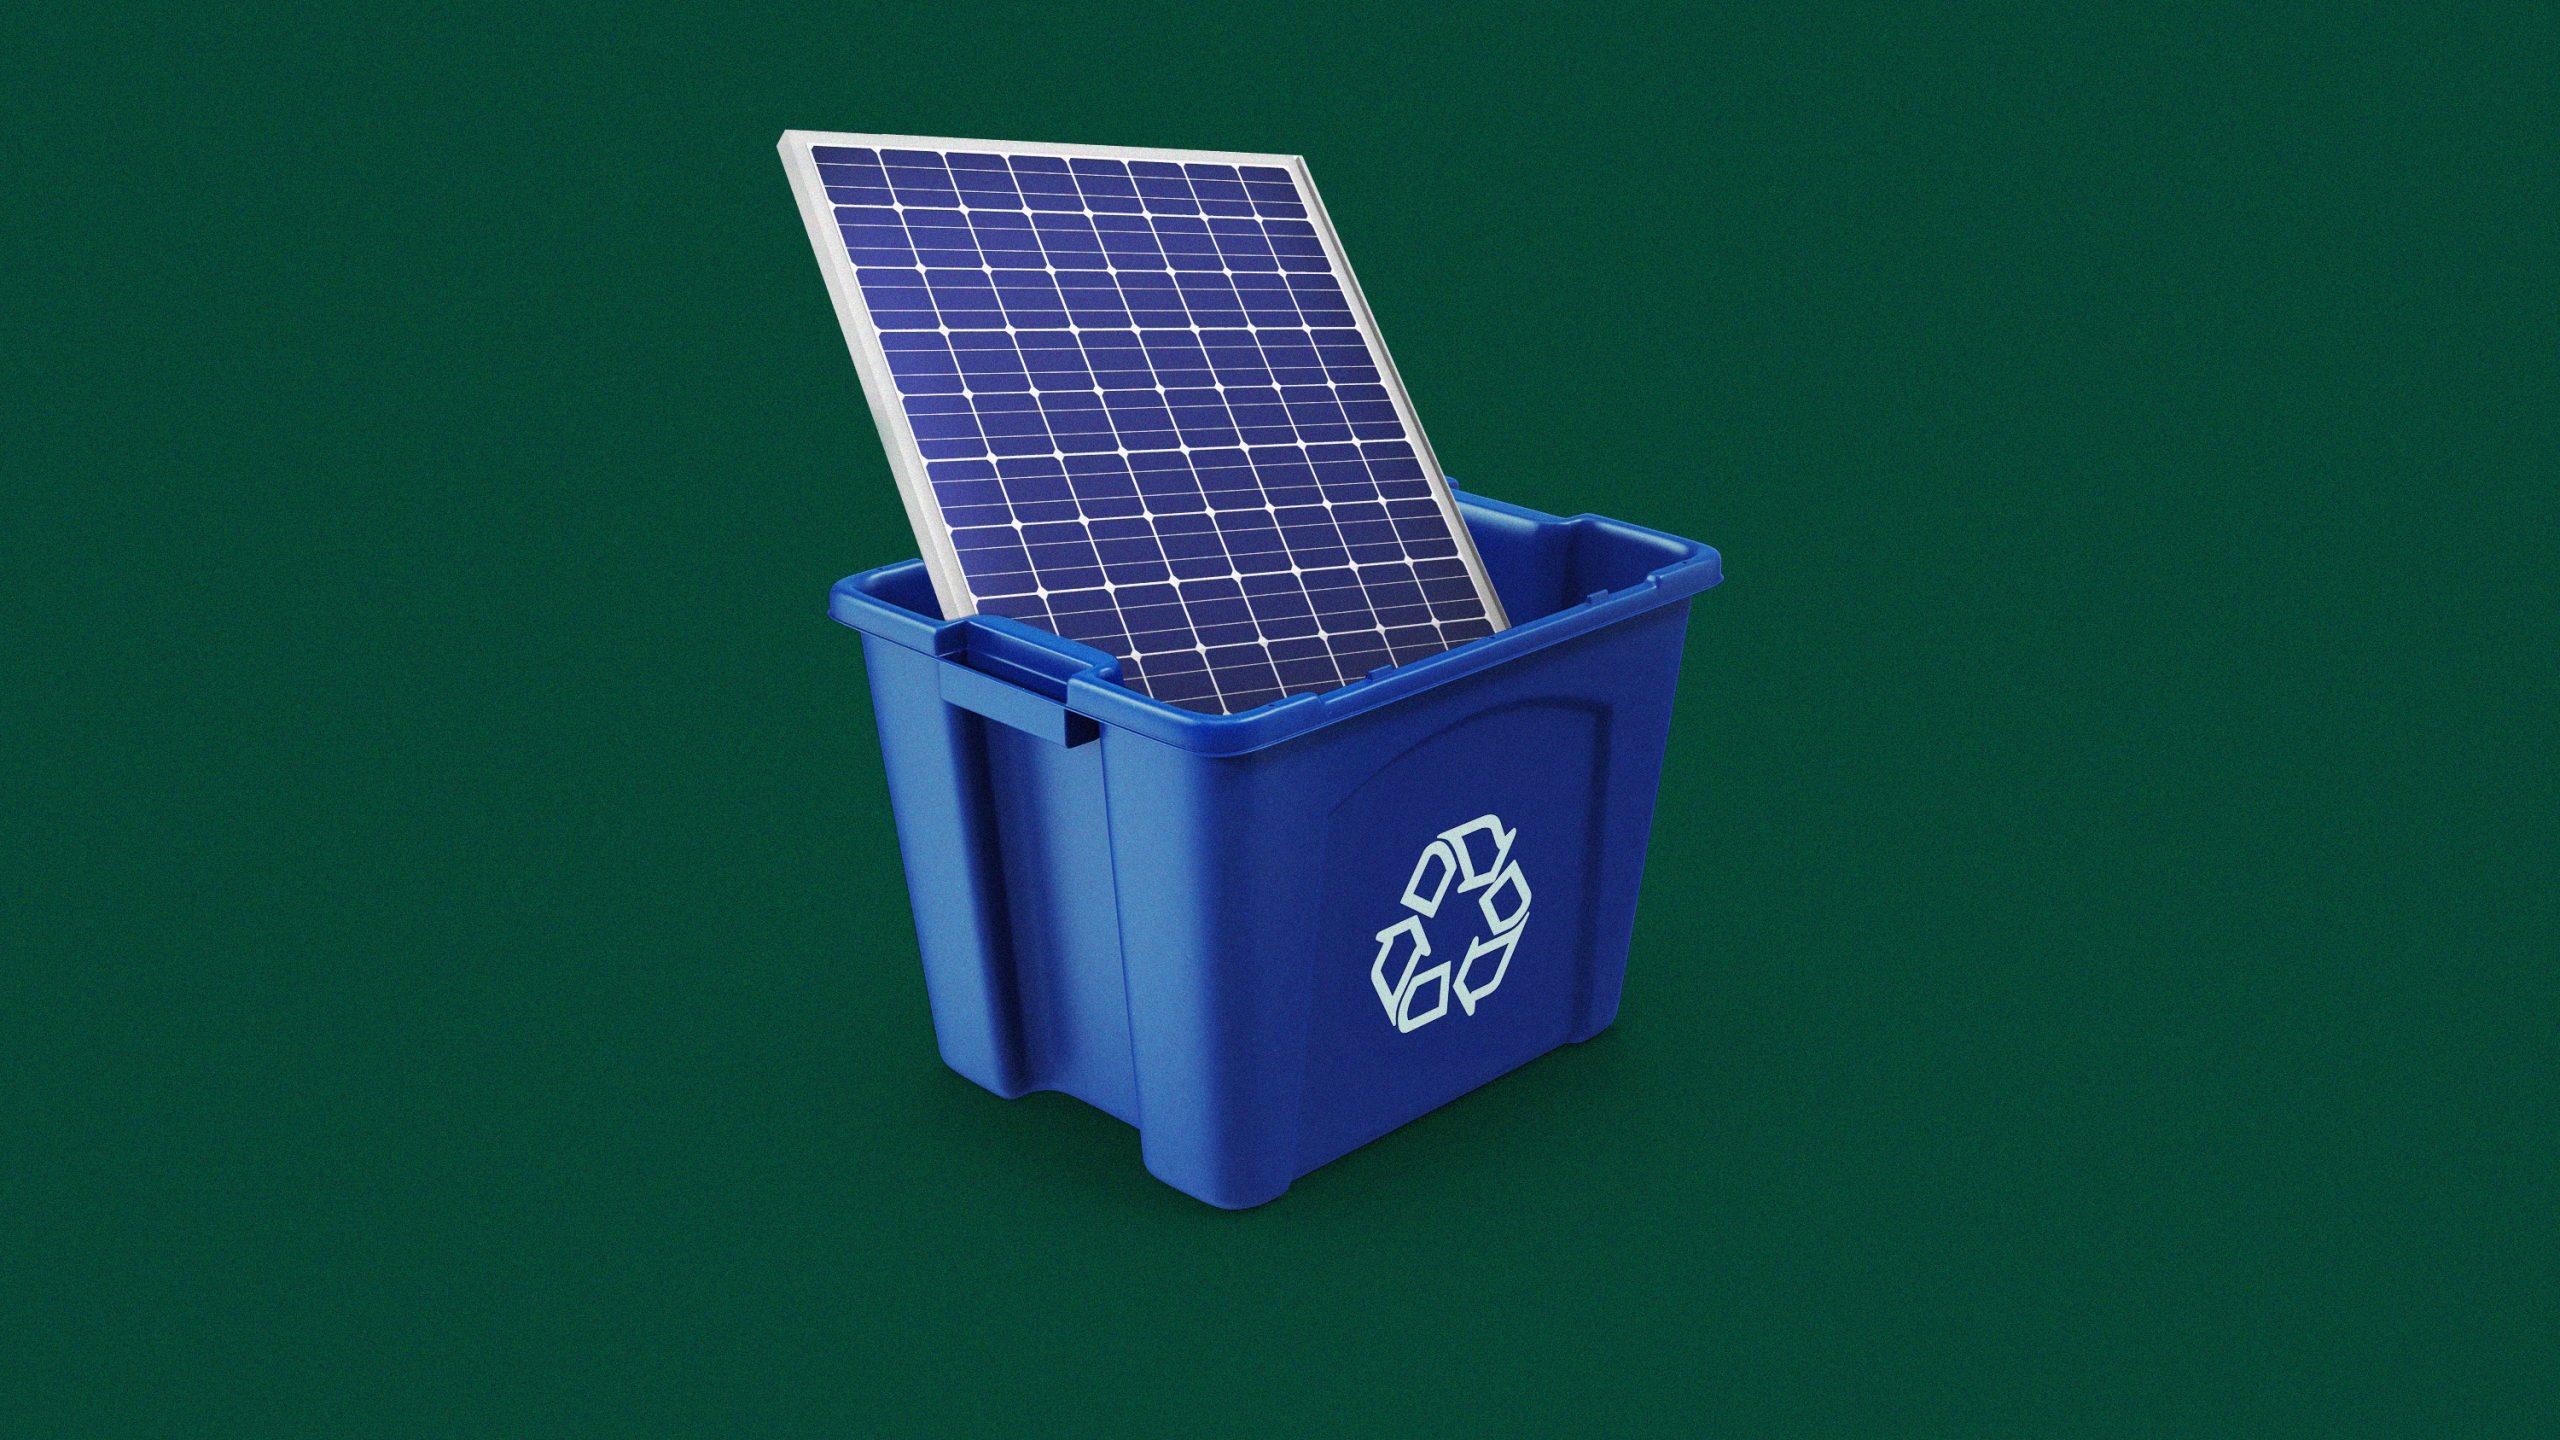 太陽光パネルのゴミ問題、「リサイクル」スタートアップに脚光